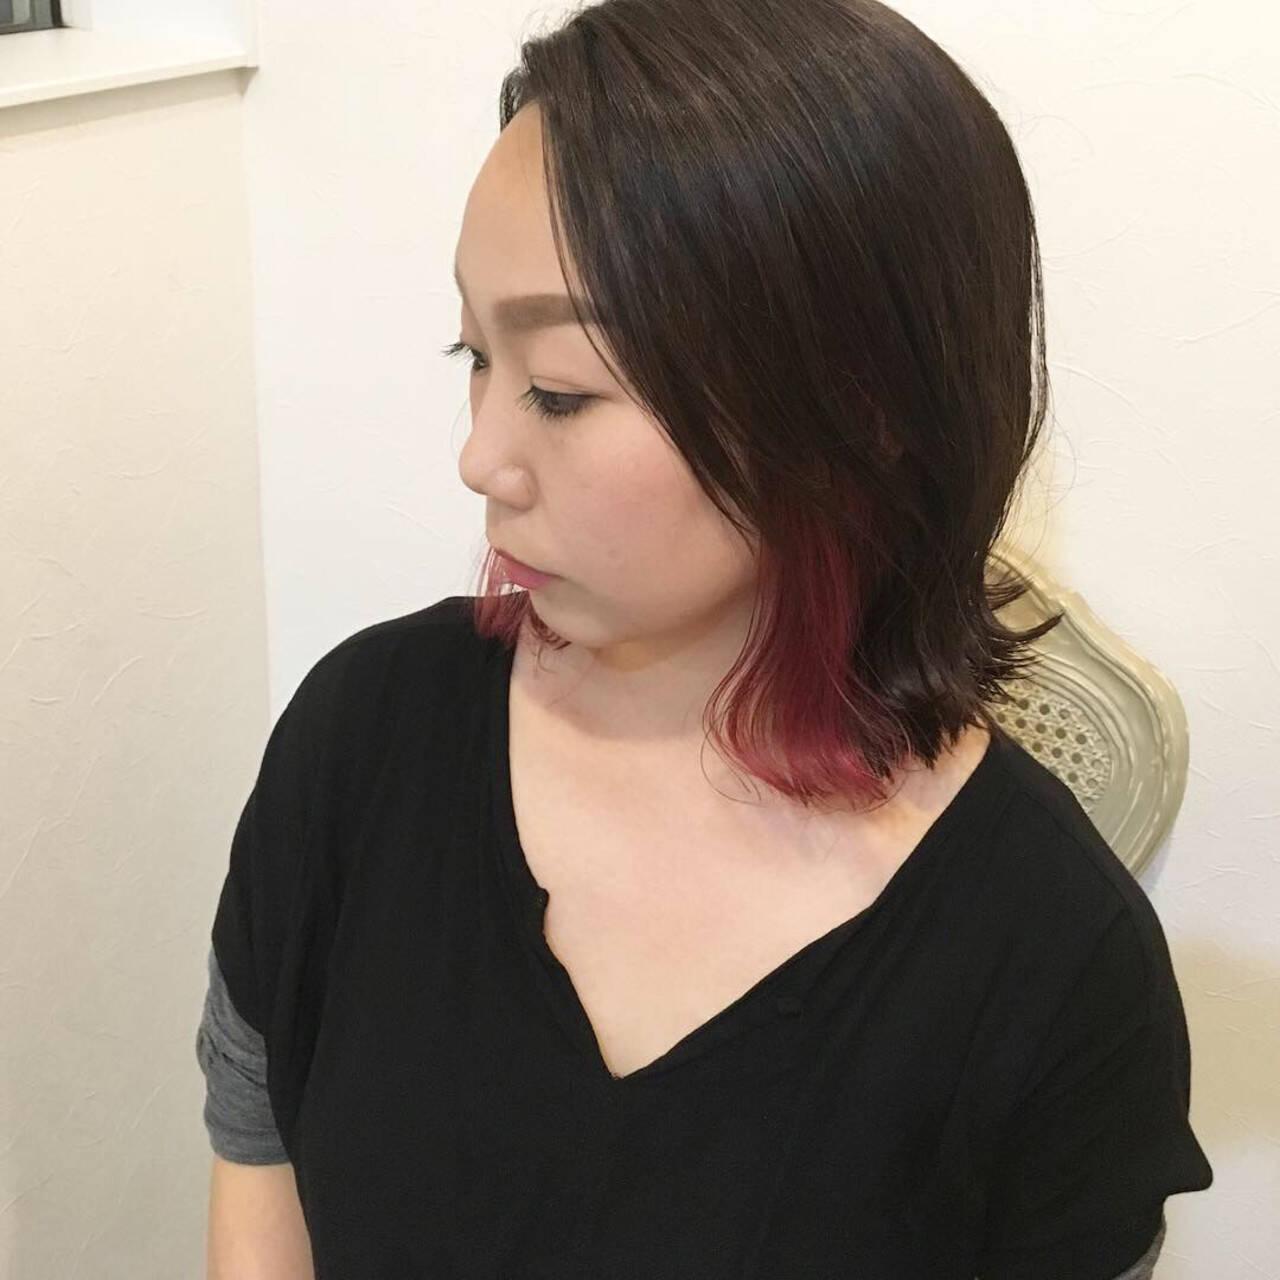 ロブ インナーカラー モード レッドヘアスタイルや髪型の写真・画像